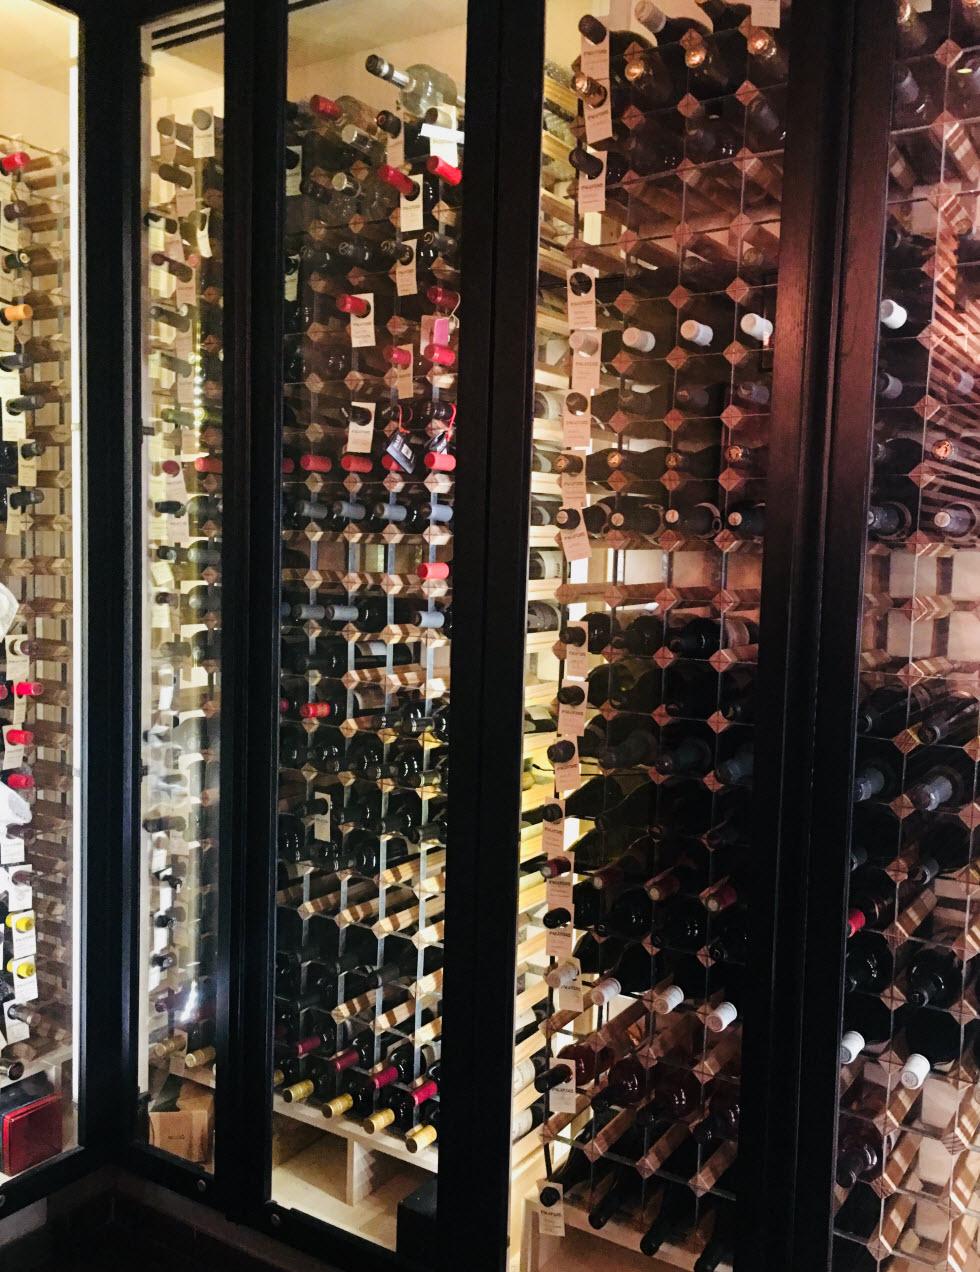 מקרר יין ענק עם מבחר של 90 יינות, מסעדת פאגו פאגו  (צילום: לין לוי)